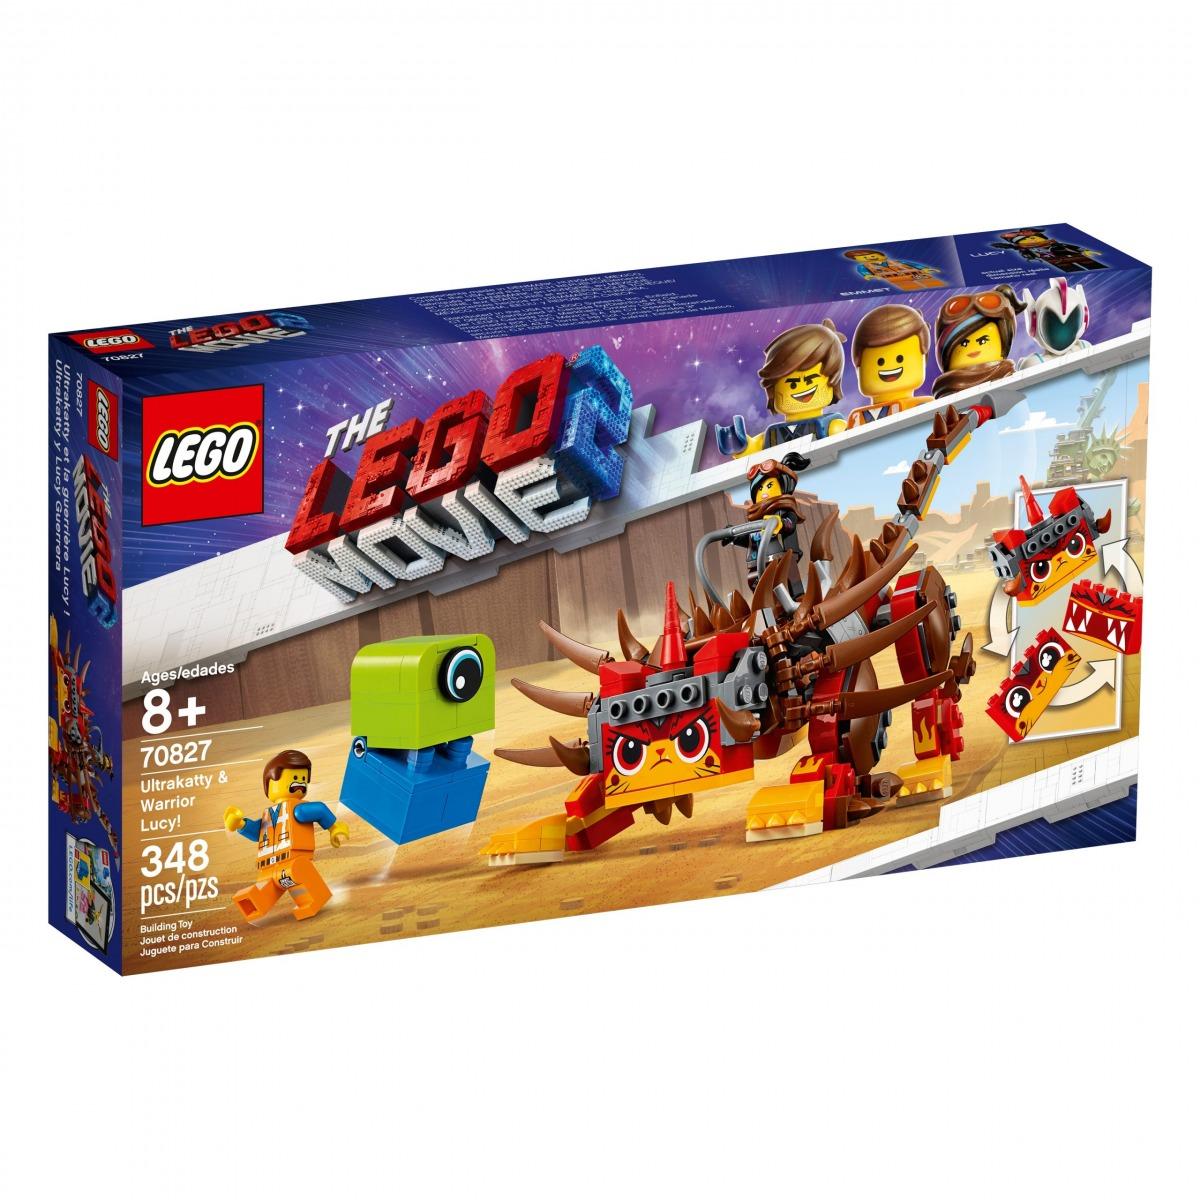 lego 70827 ultrakatty warrior lucy scaled